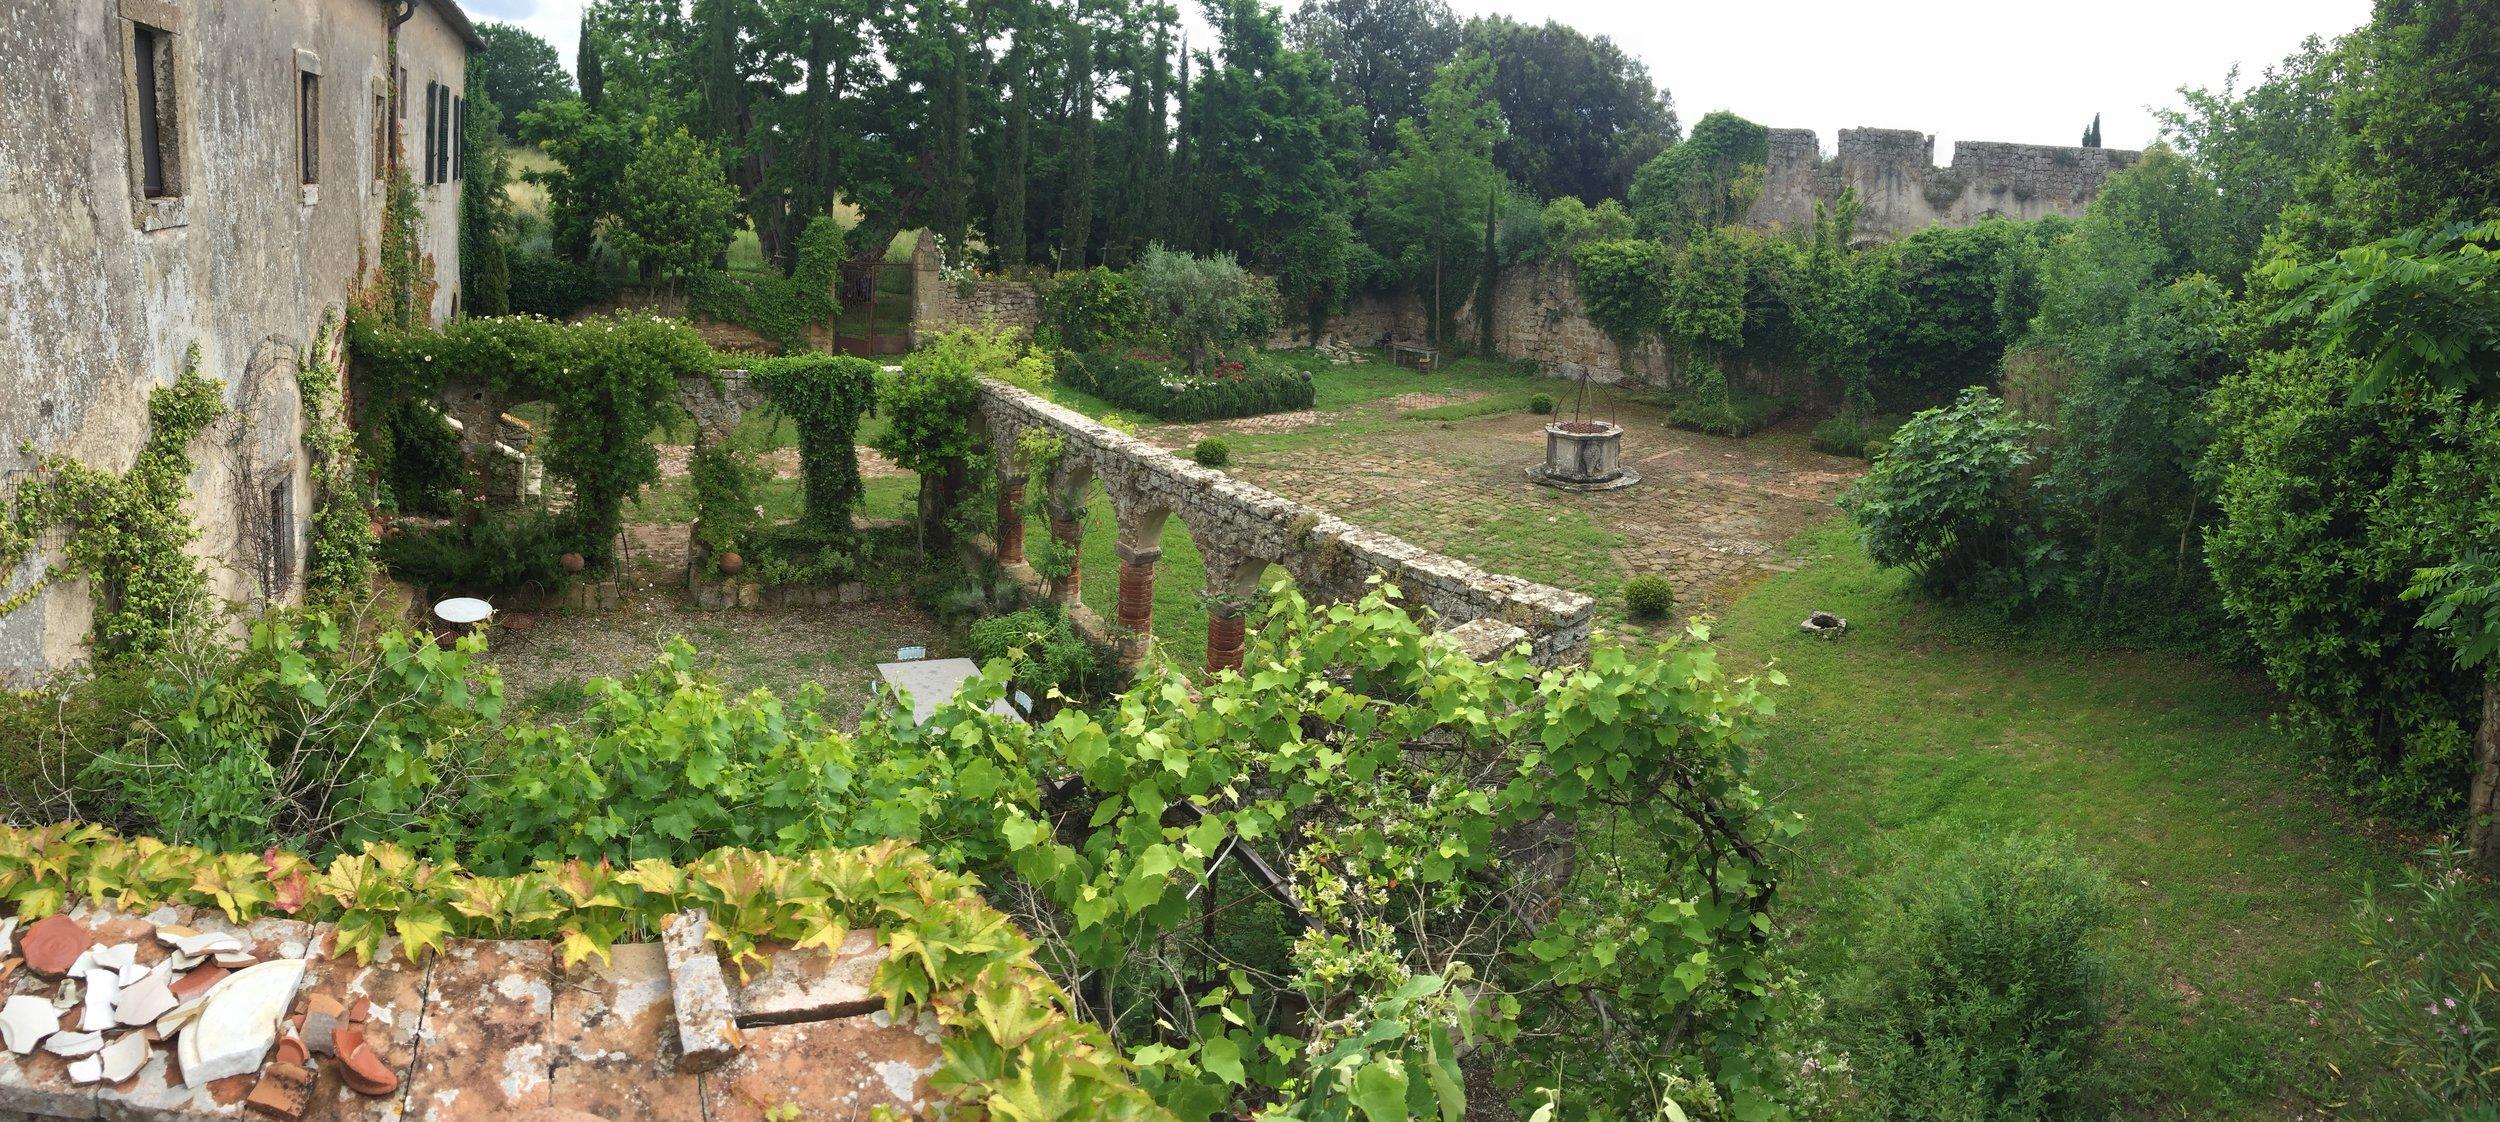 Garden Venetia - 1 of 38 (22).jpg